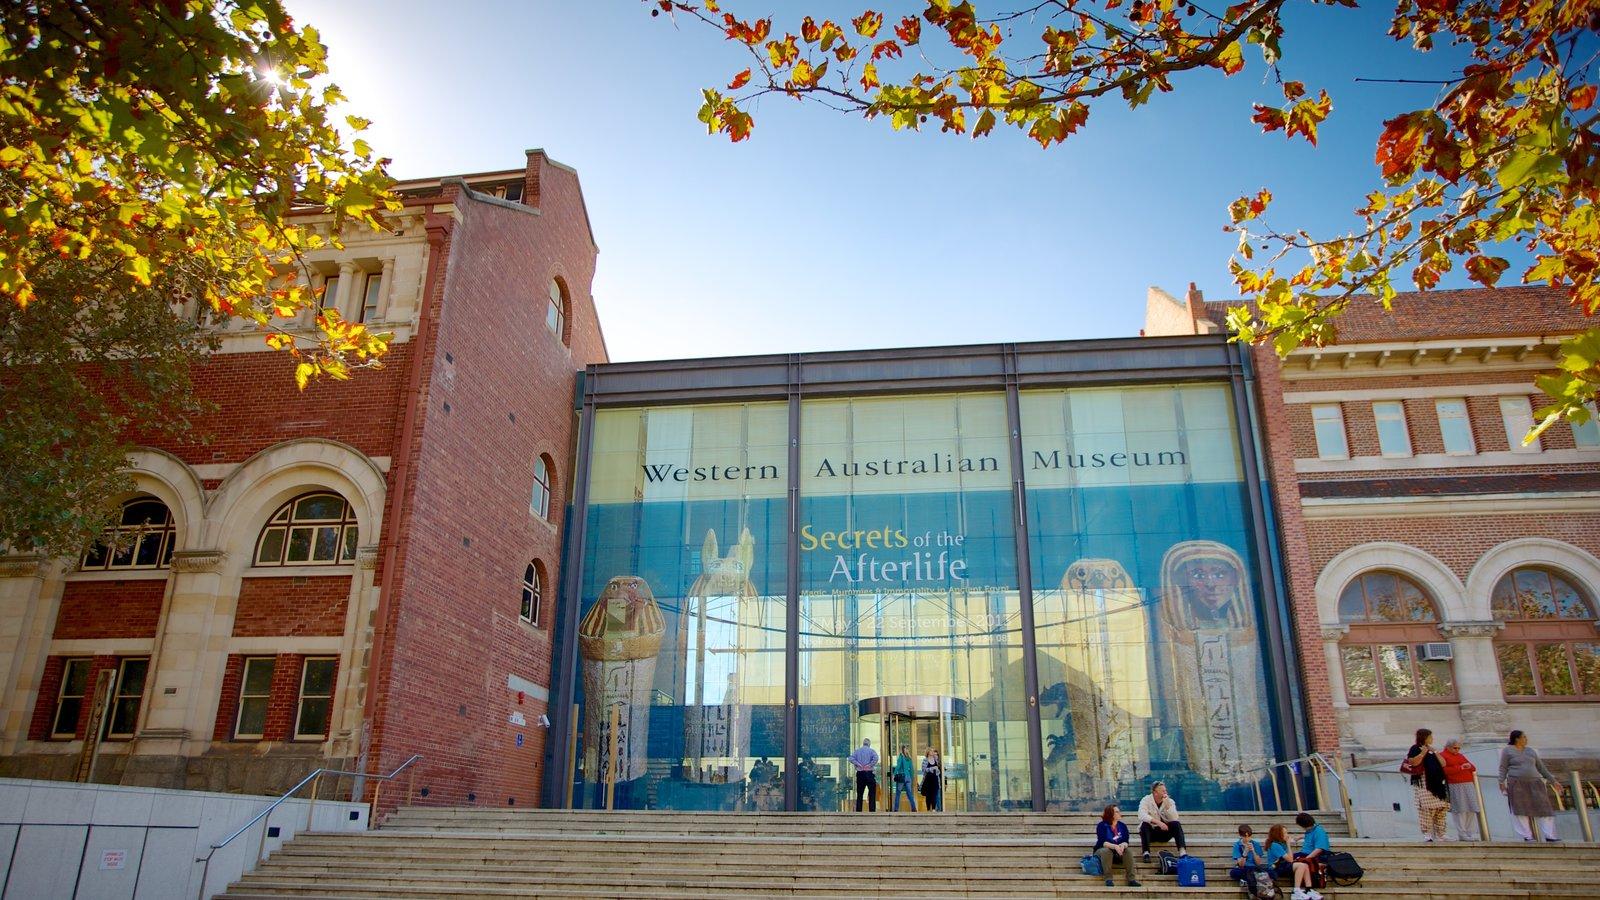 Western Australian Museum que inclui uma cidade e sinalização